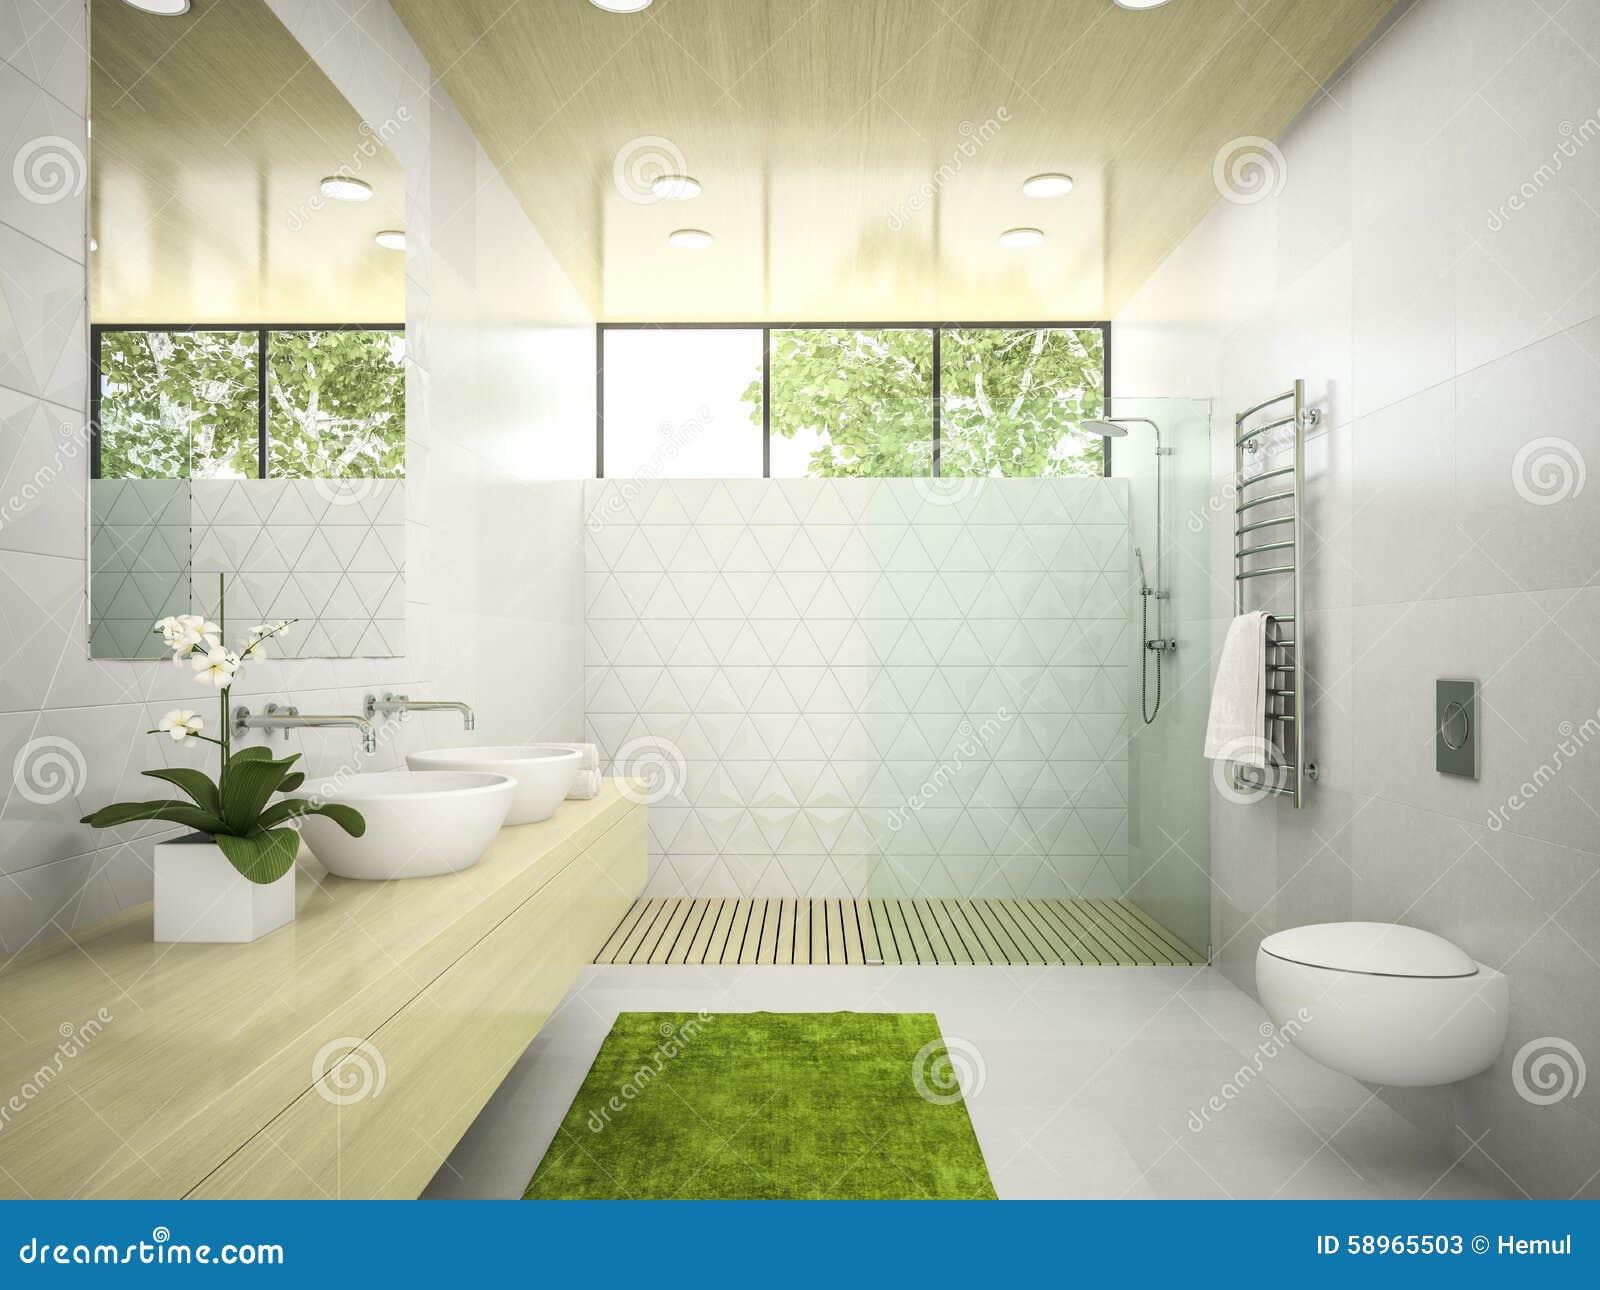 Soffitti Con Travi In Legno Bianco: Soffitto in legno bianco fatua for. Soggi...